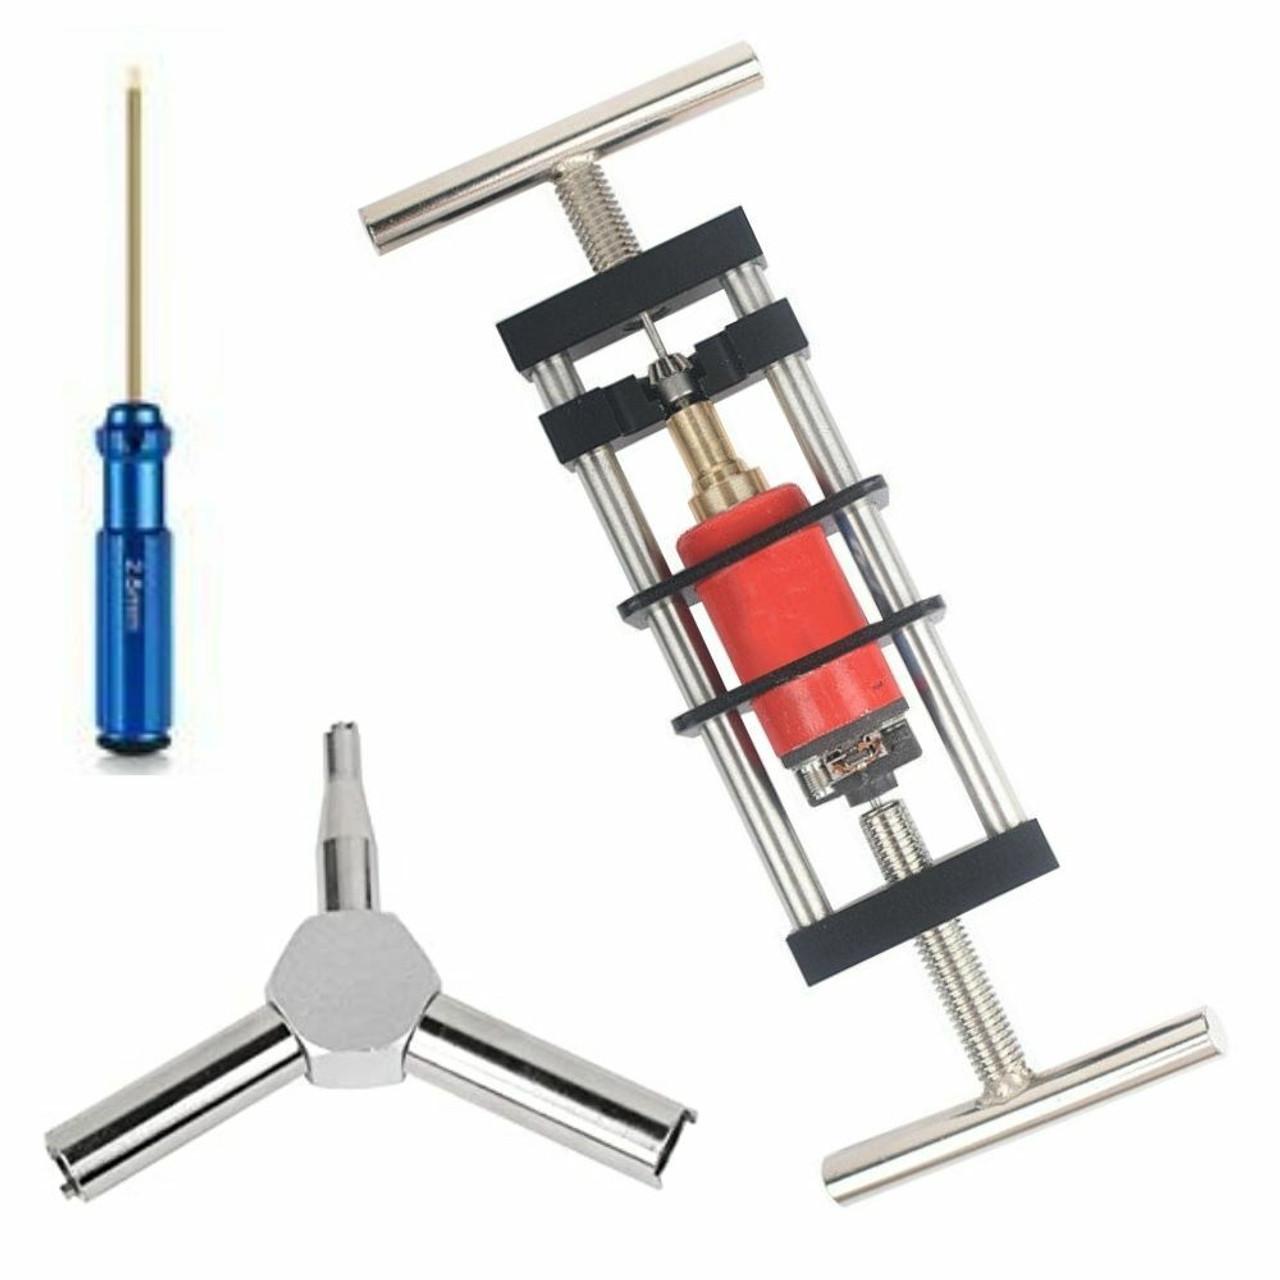 Airsoft Gun Repair Tools